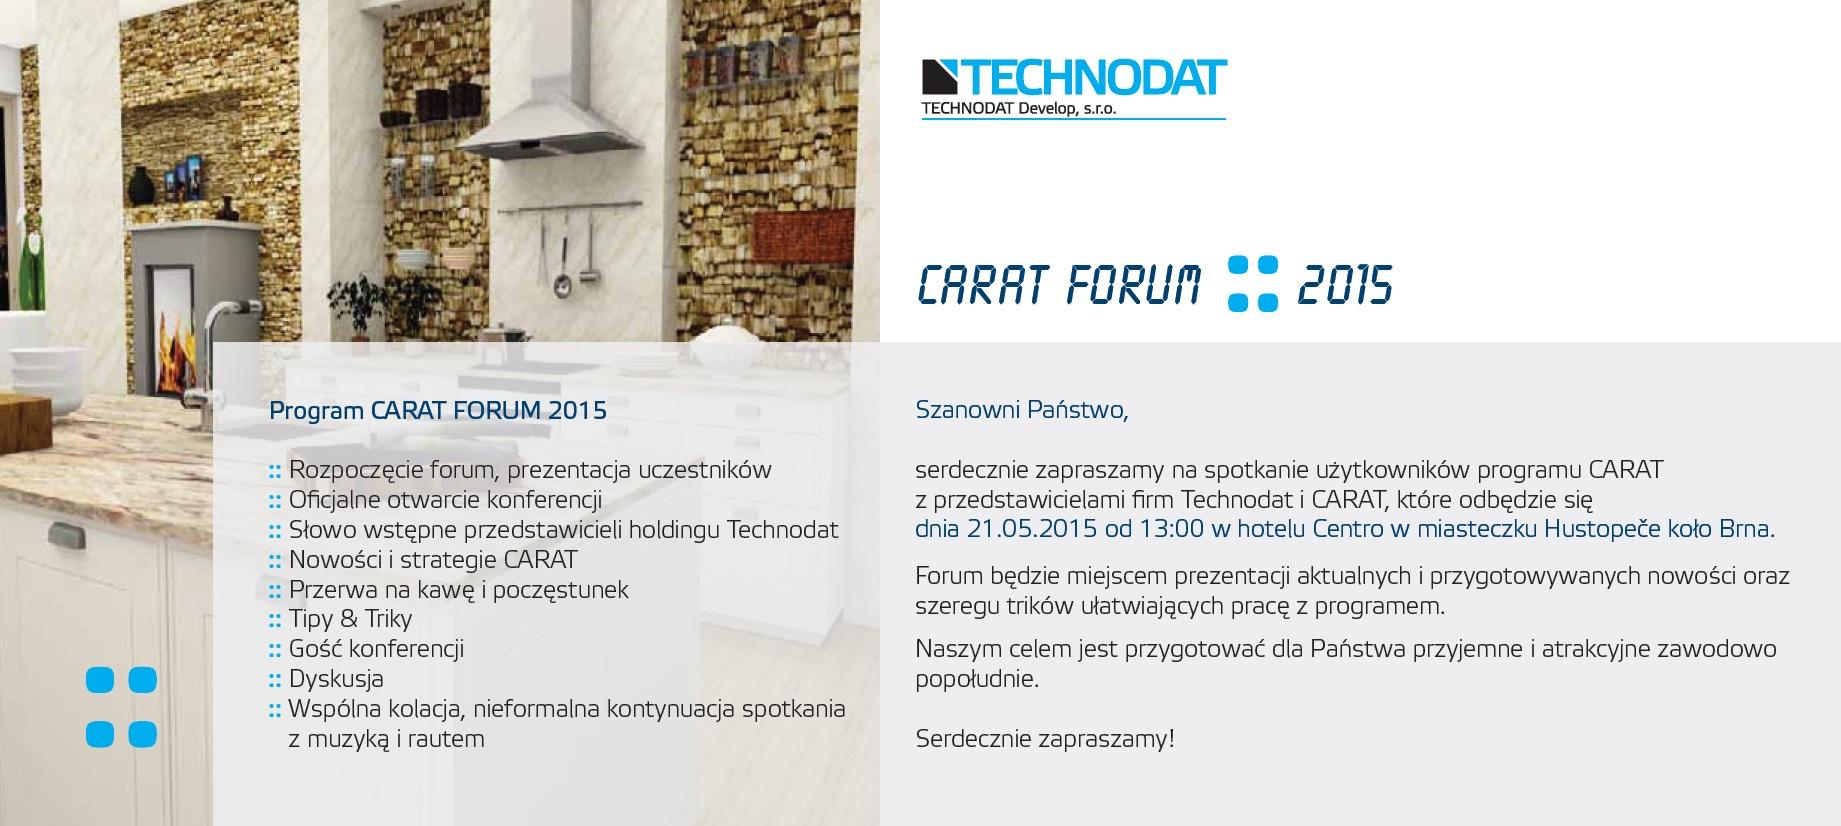 CARAT FORUM 2015